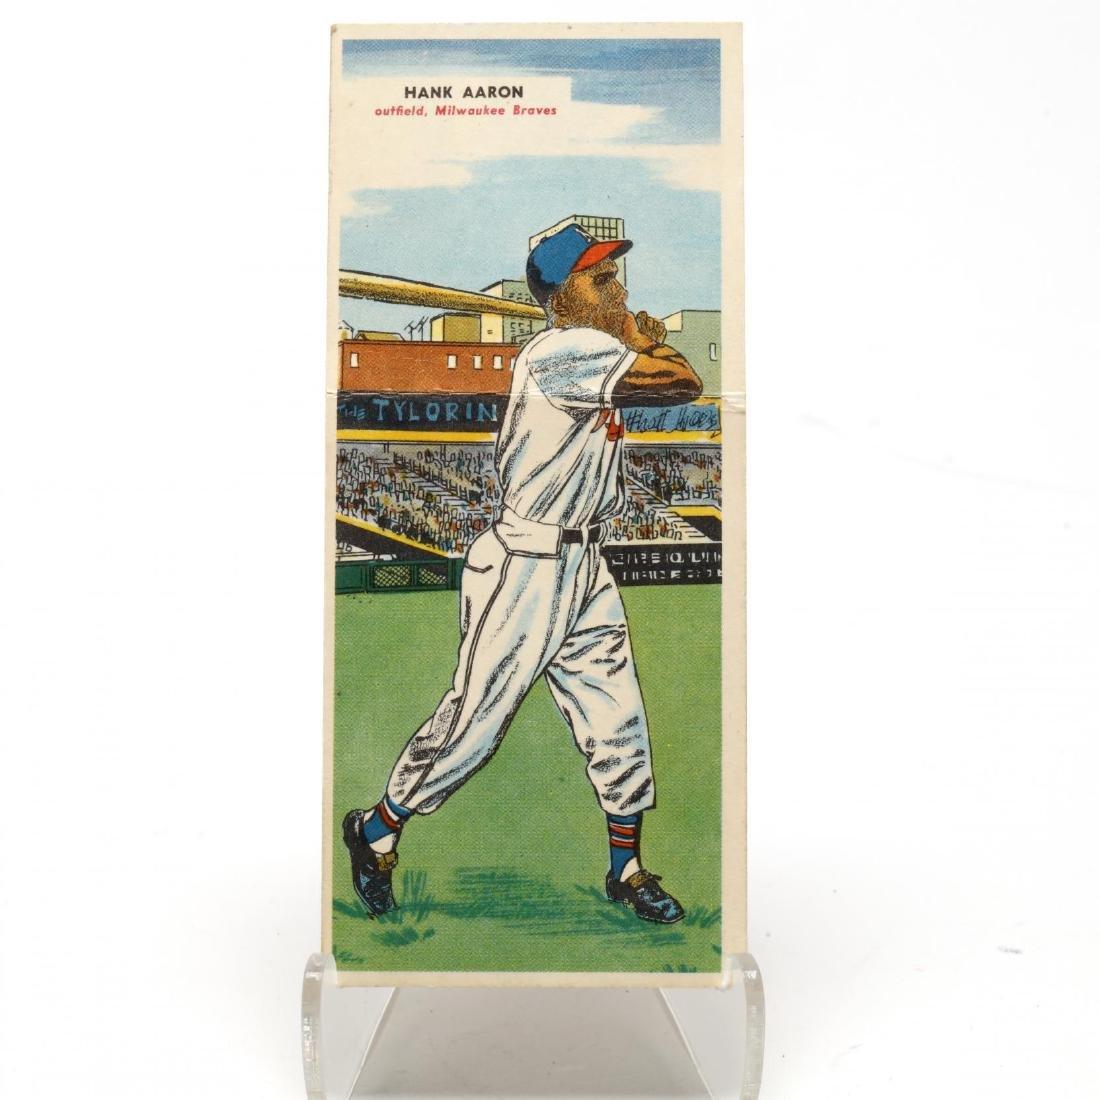 Vintage Baseball Cards and Ephemera Grouping - 7